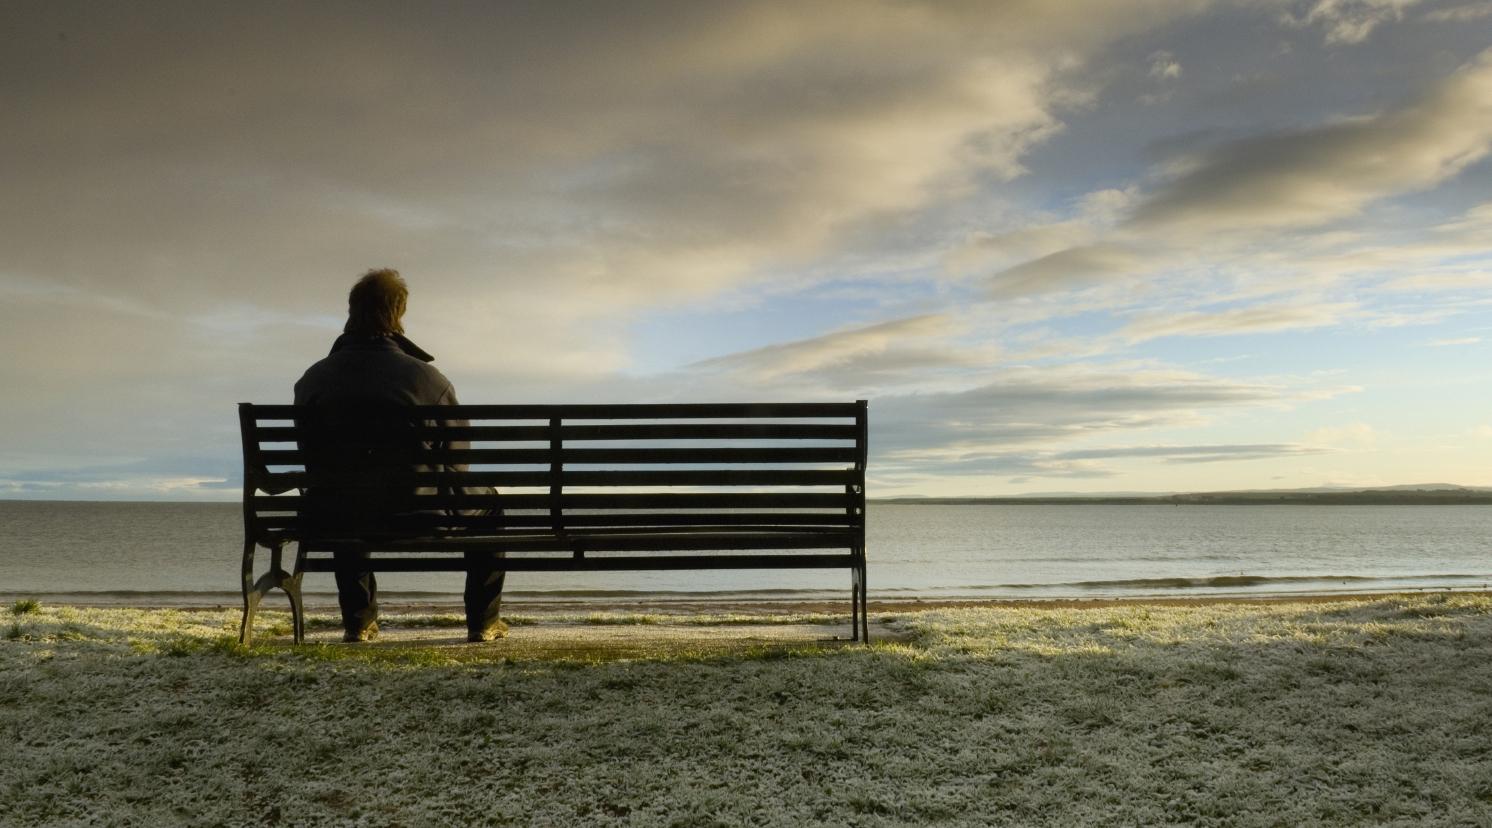 картинки одиночества друзей что